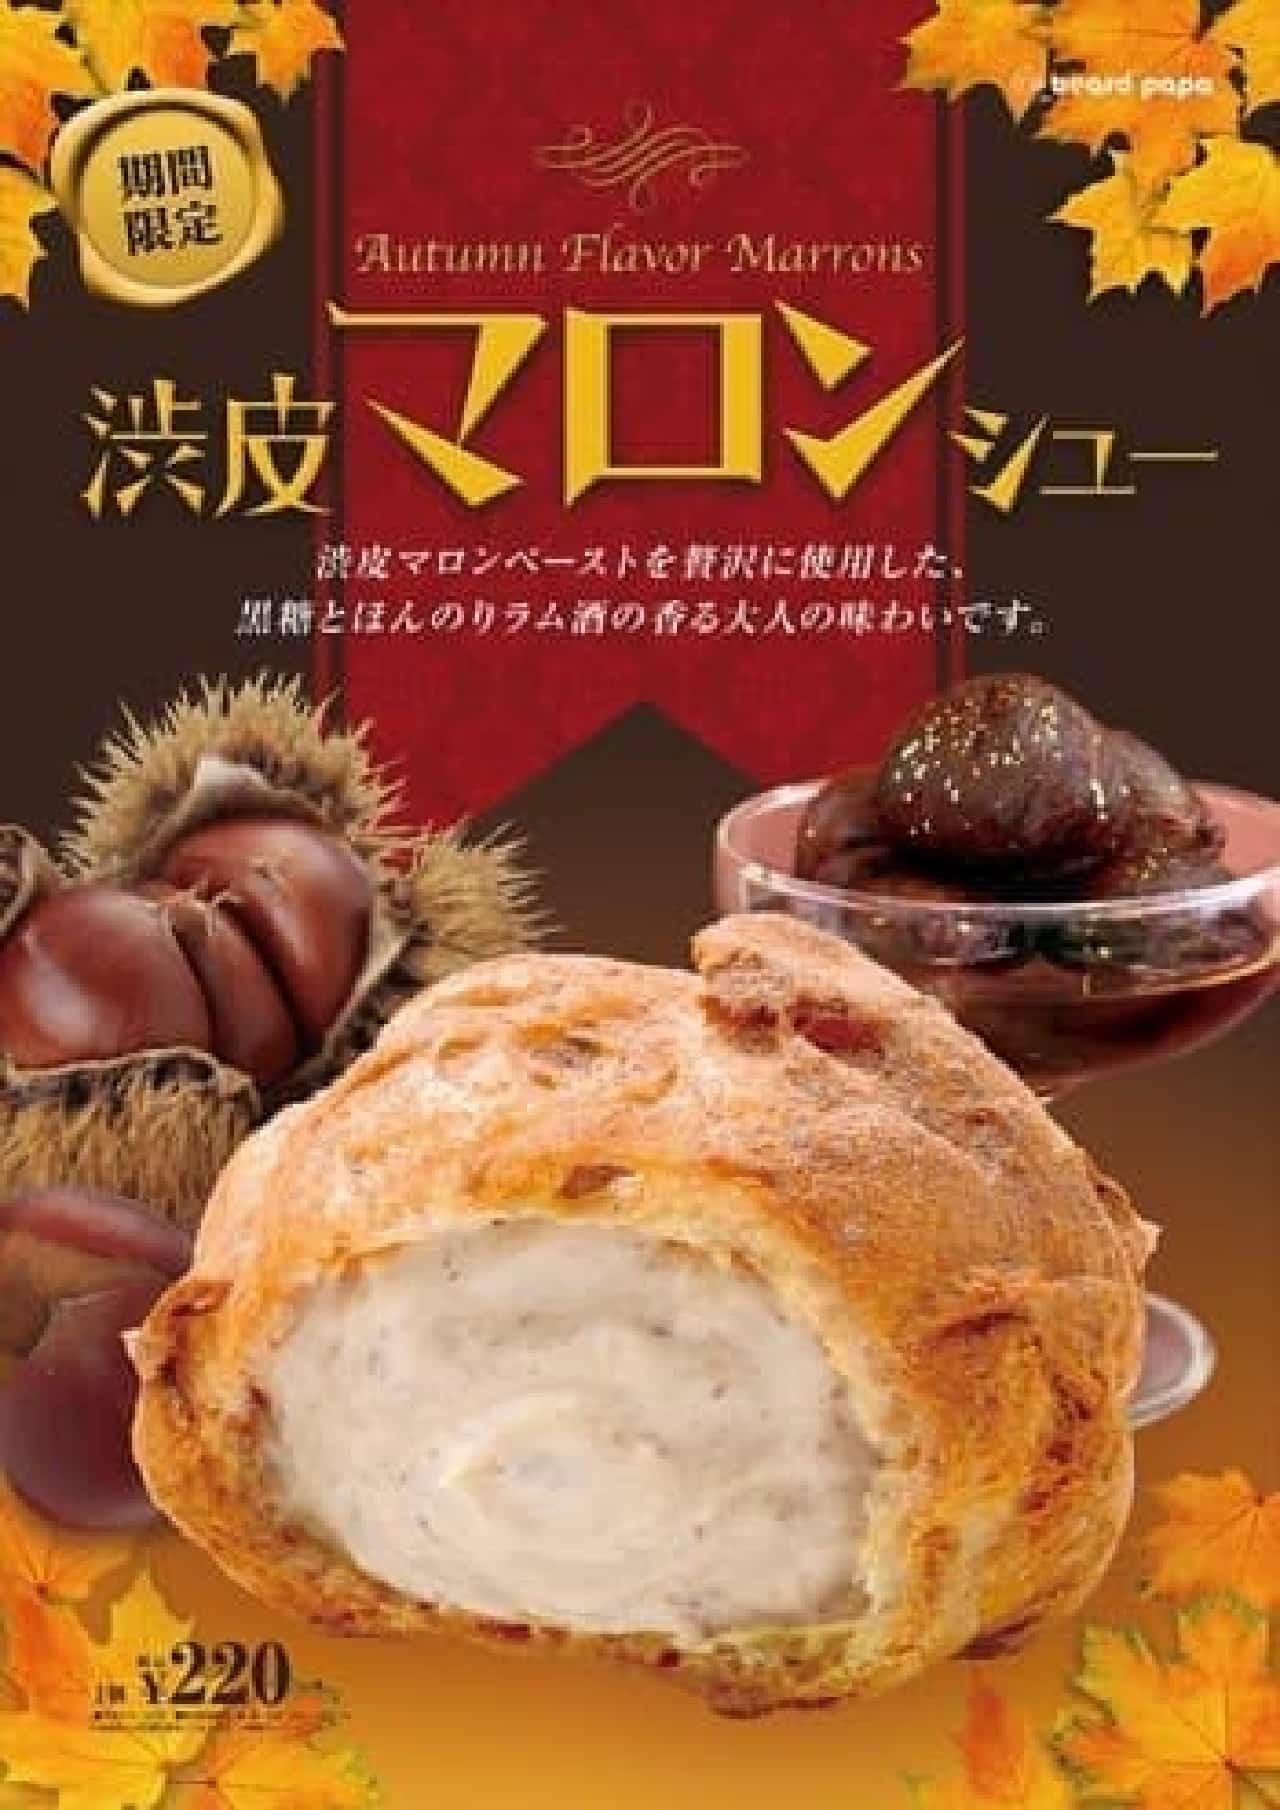 """季節のシュークリーム""""マロンフレーバー"""""""